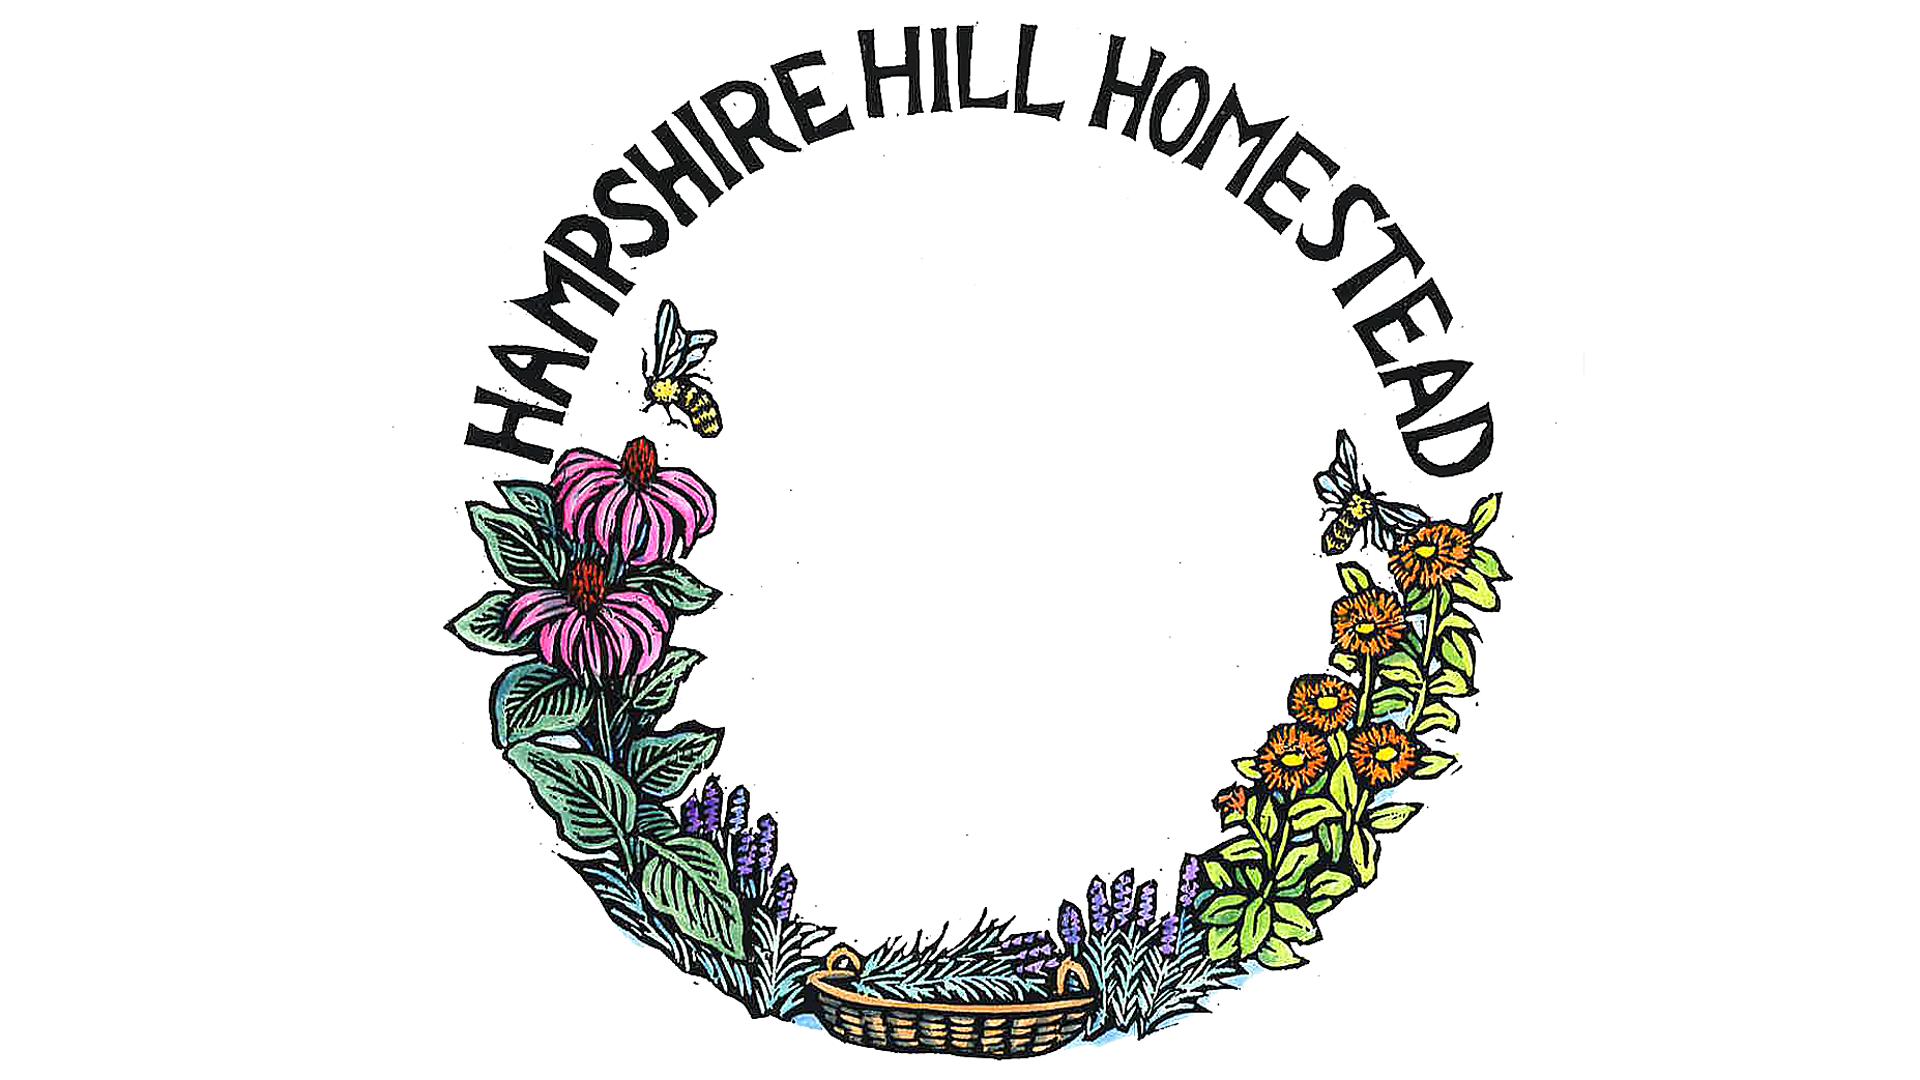 Hampshire Hill Homestead